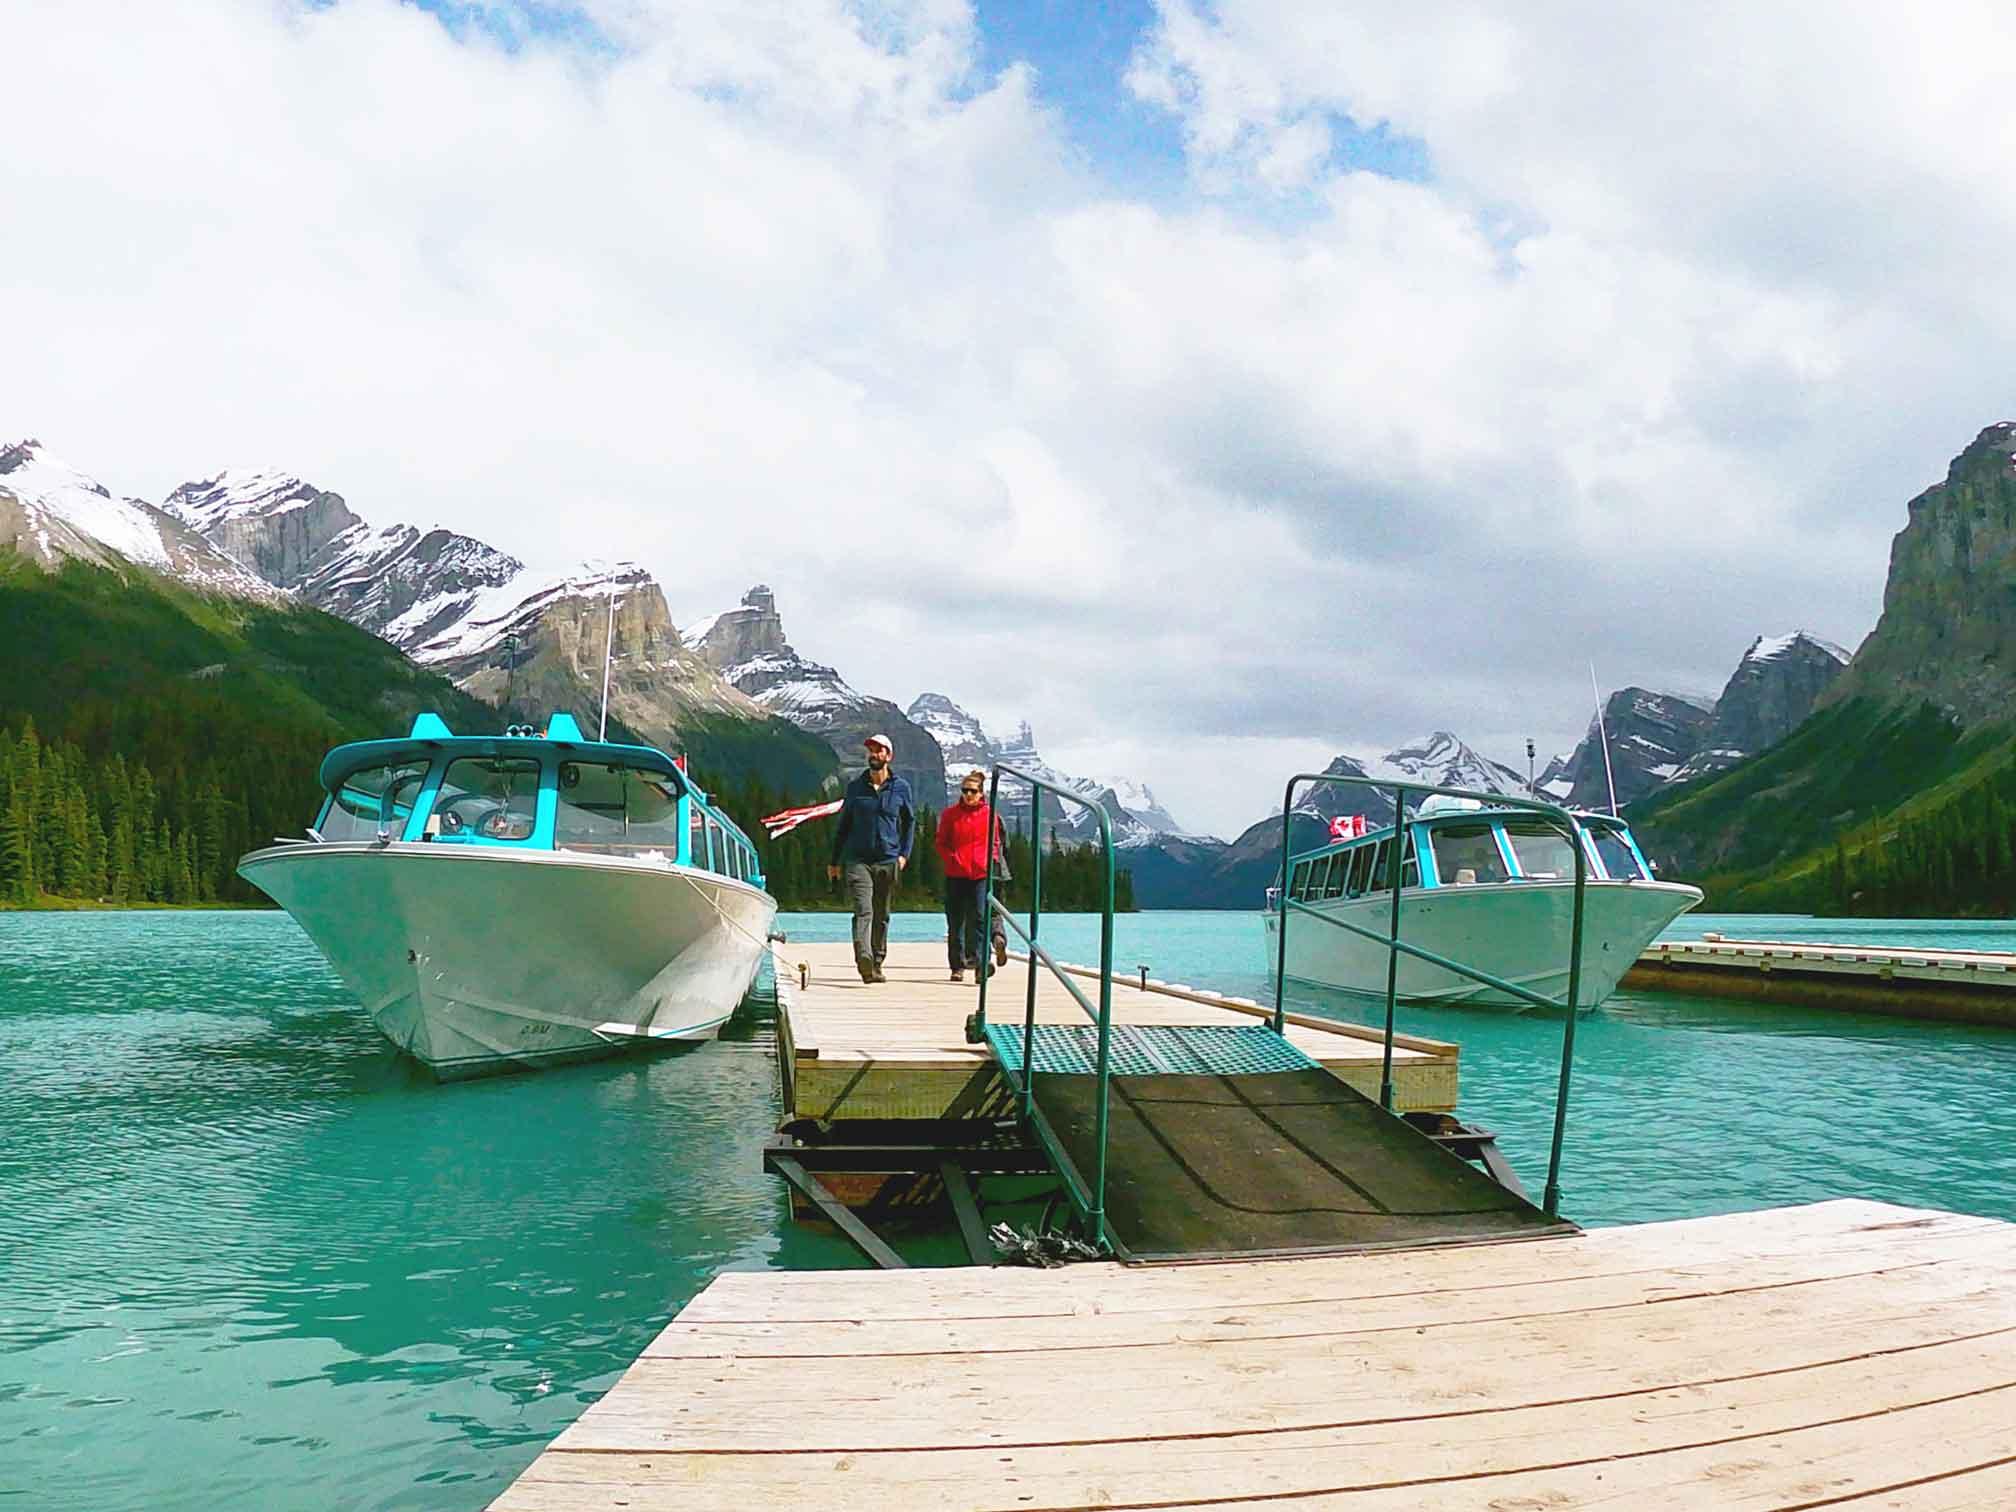 Maligne Lake Boats at Dock